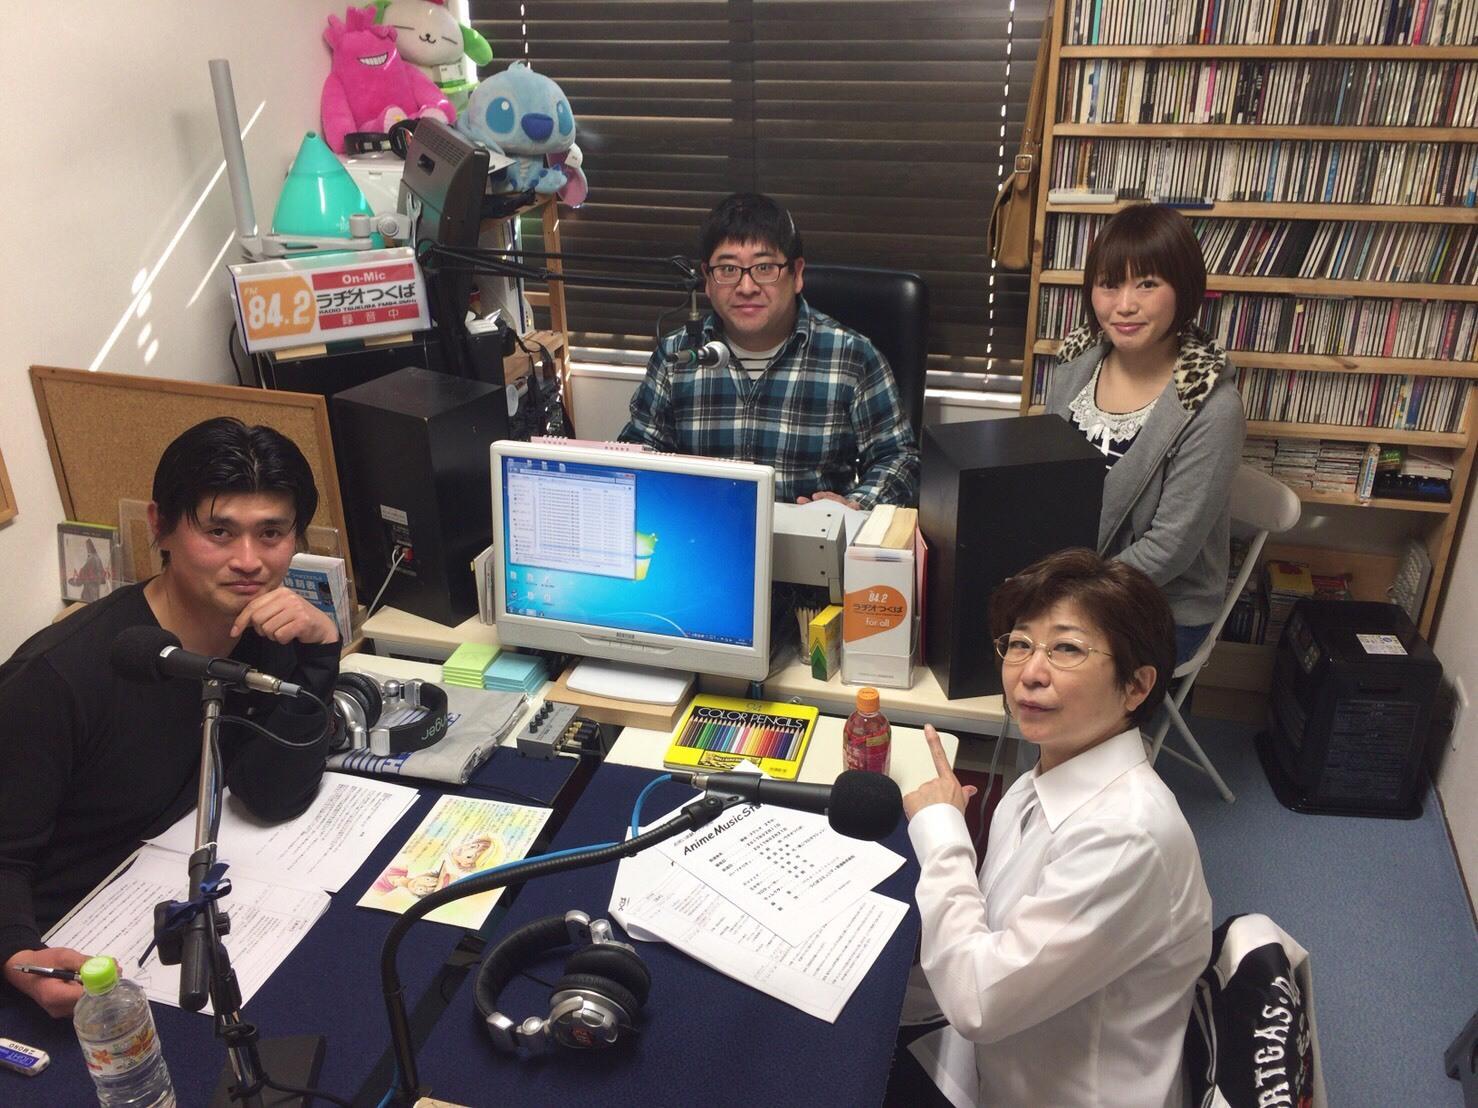 アニメミュージックステーション_a0163623_10455958.jpg